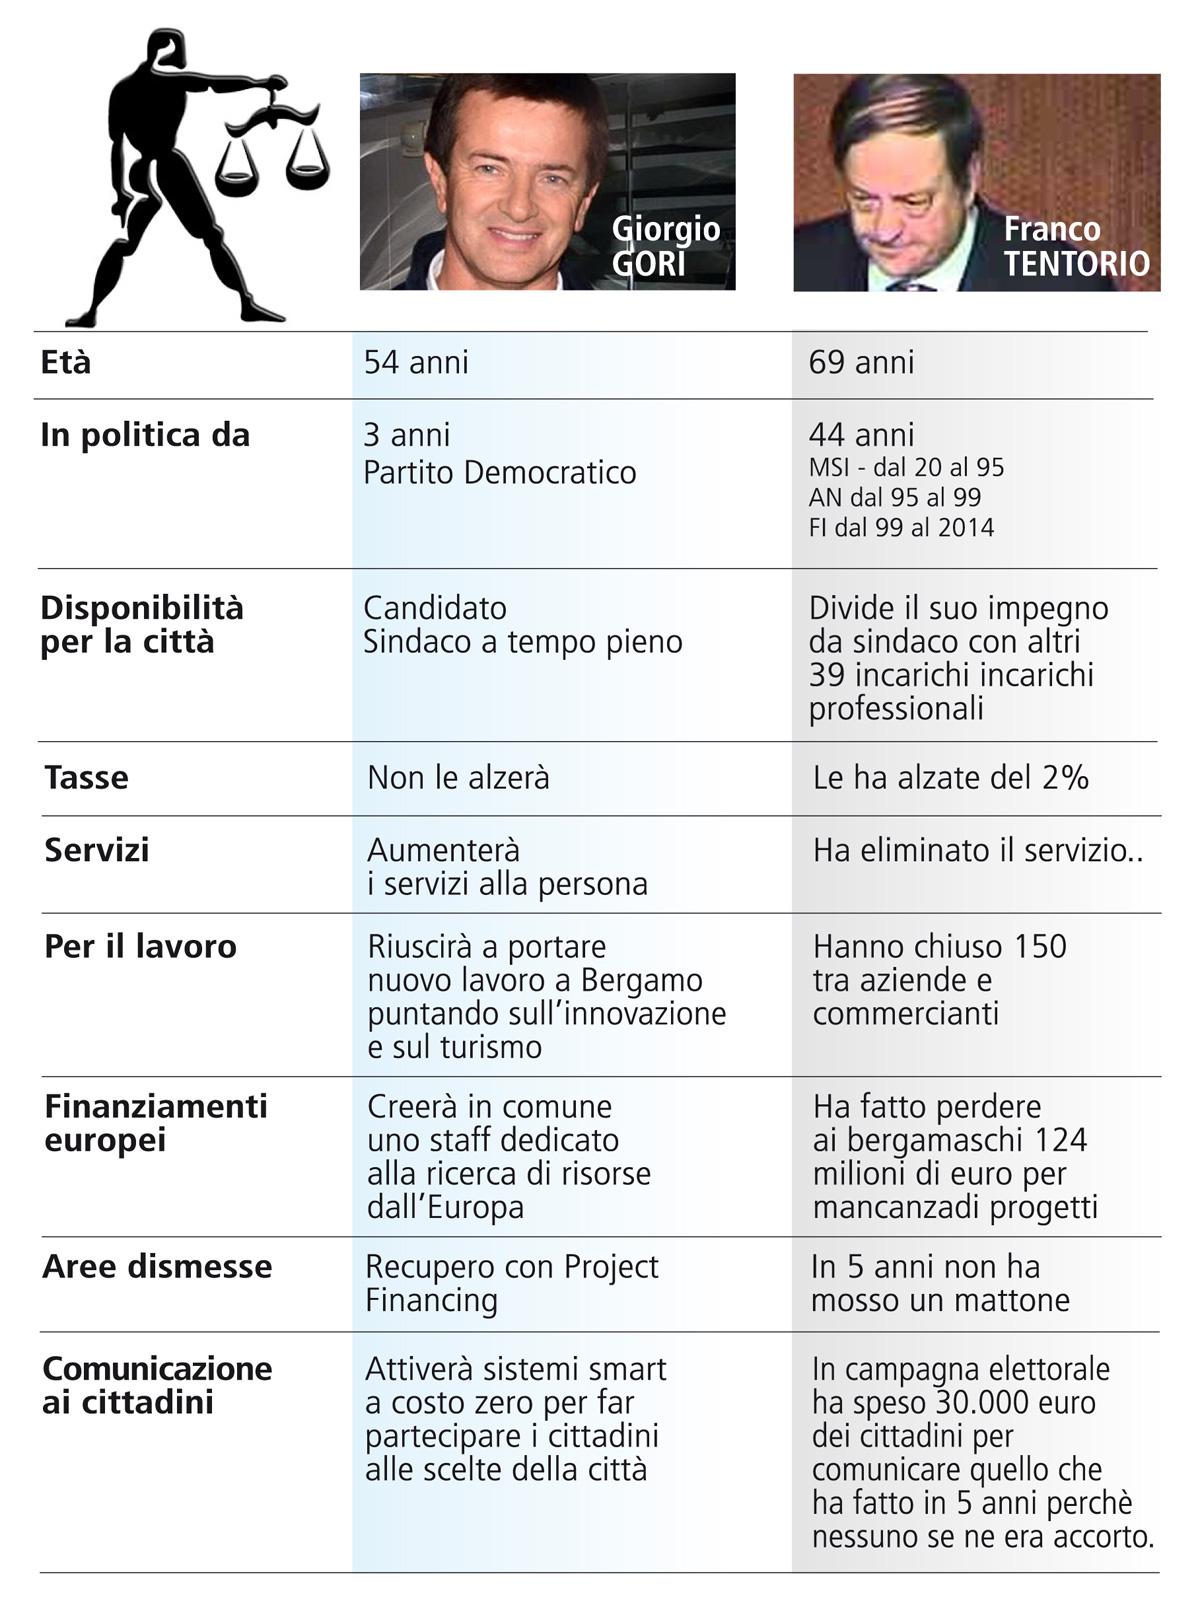 Analisi comparativa dei candidati